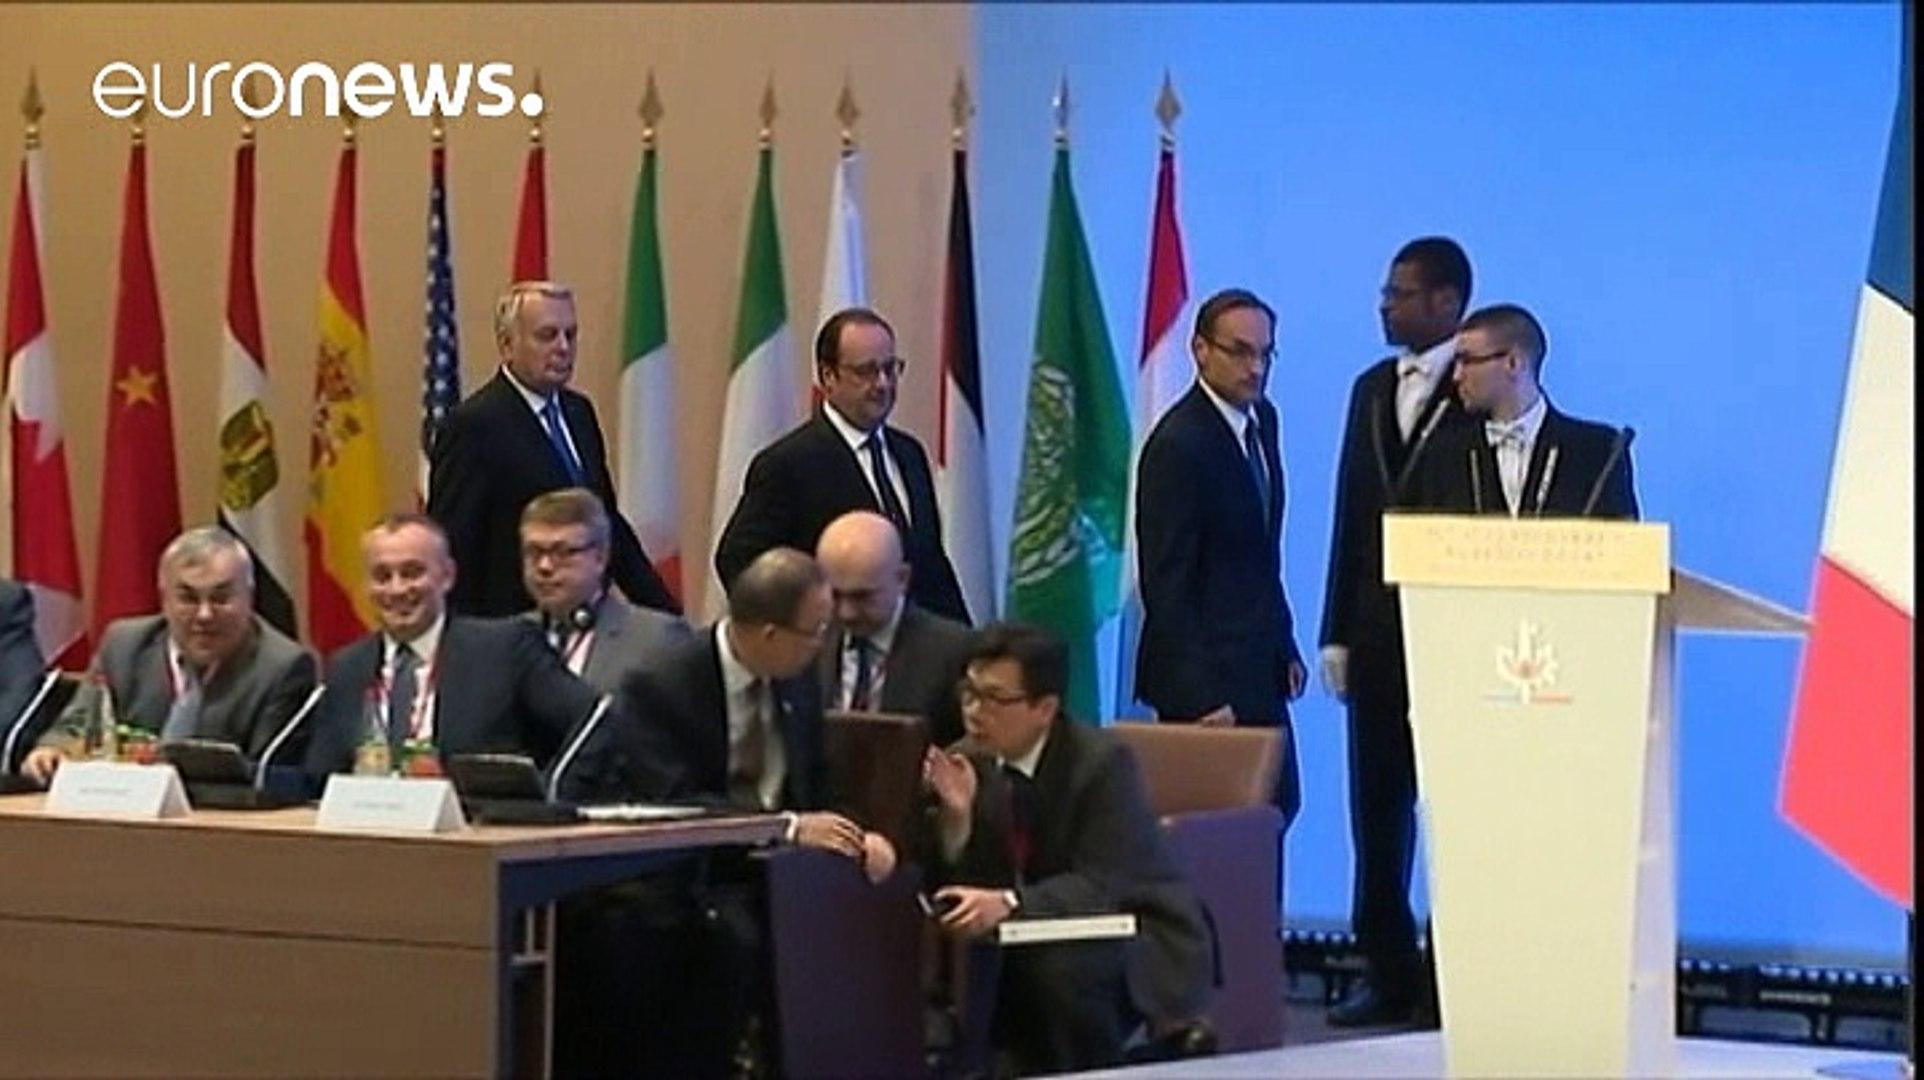 Vertice sulla pace in Medioriente a Parigi. Vuote le sedie israeliane e palestinesi